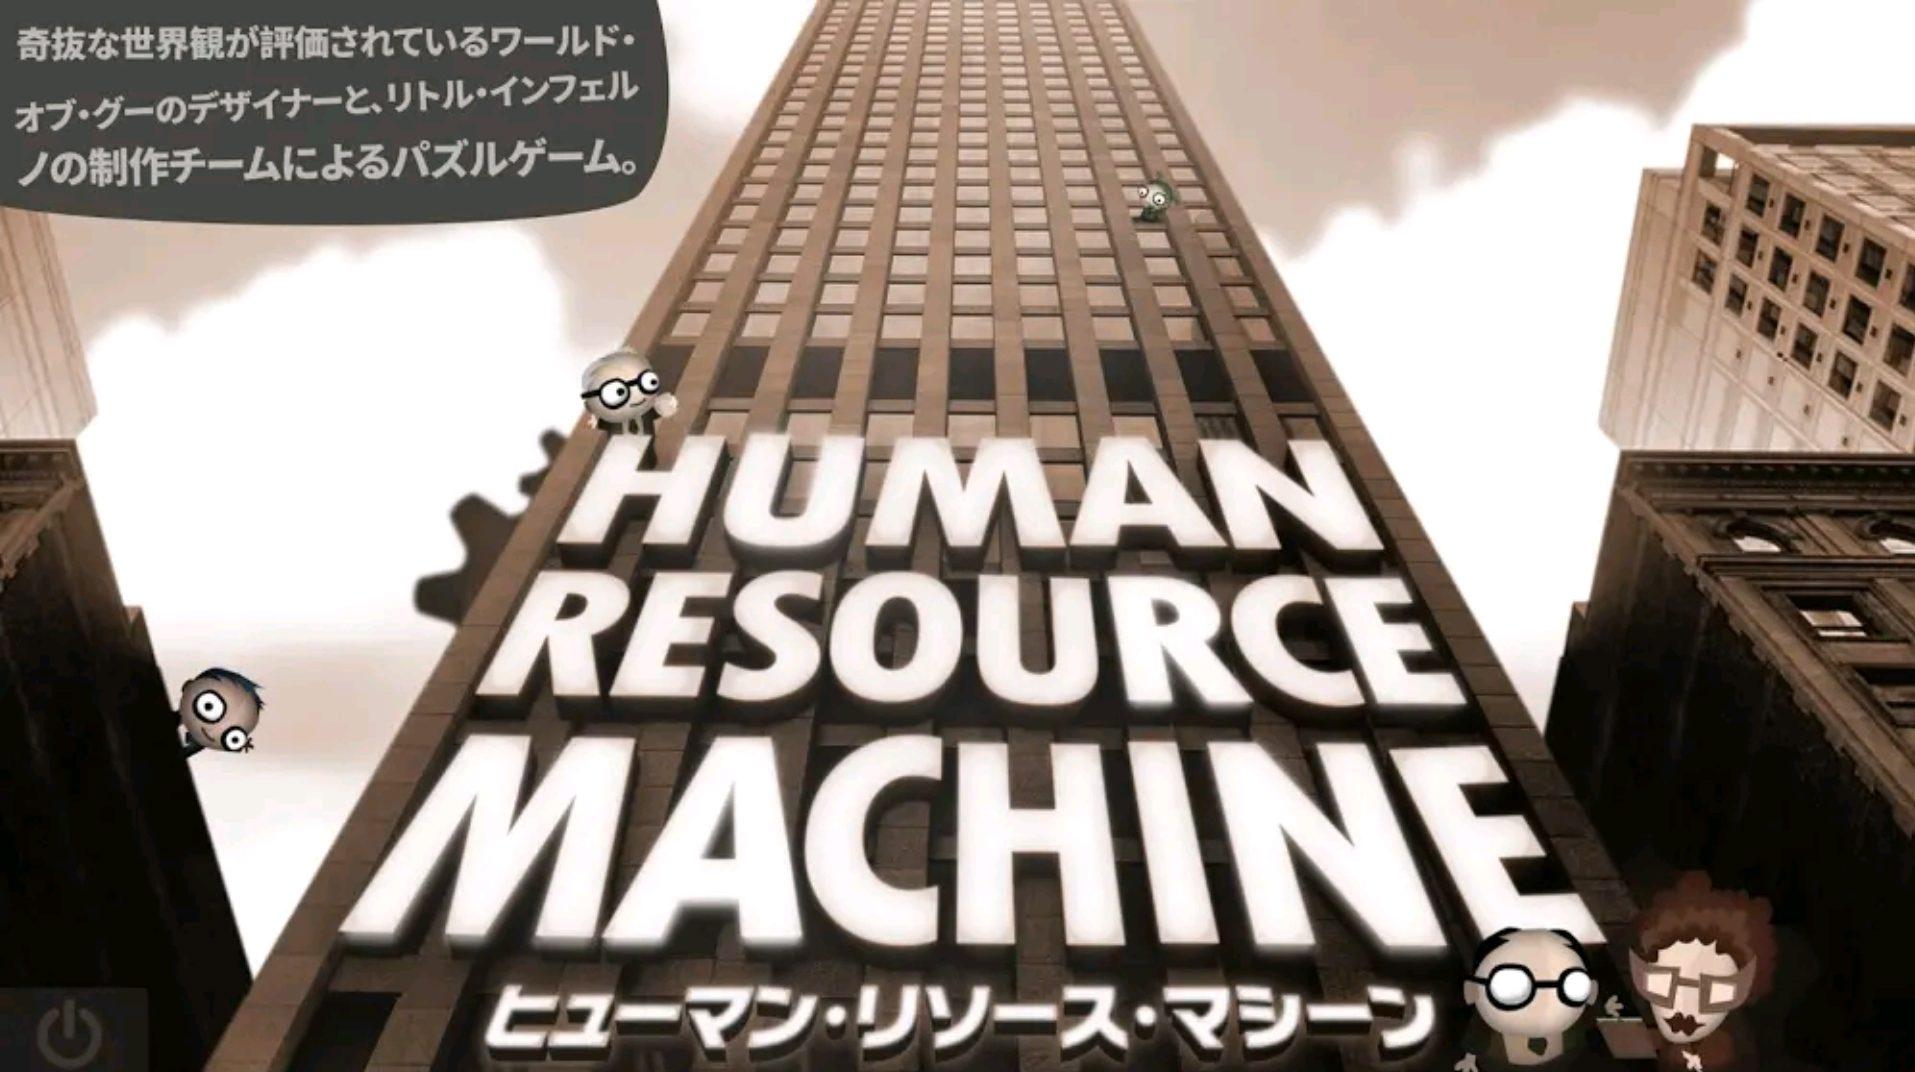 プログラミングゲーム「HUMAN RESOURCE MACHINE〜ヒューマンリソースマシーン〜」が面白い